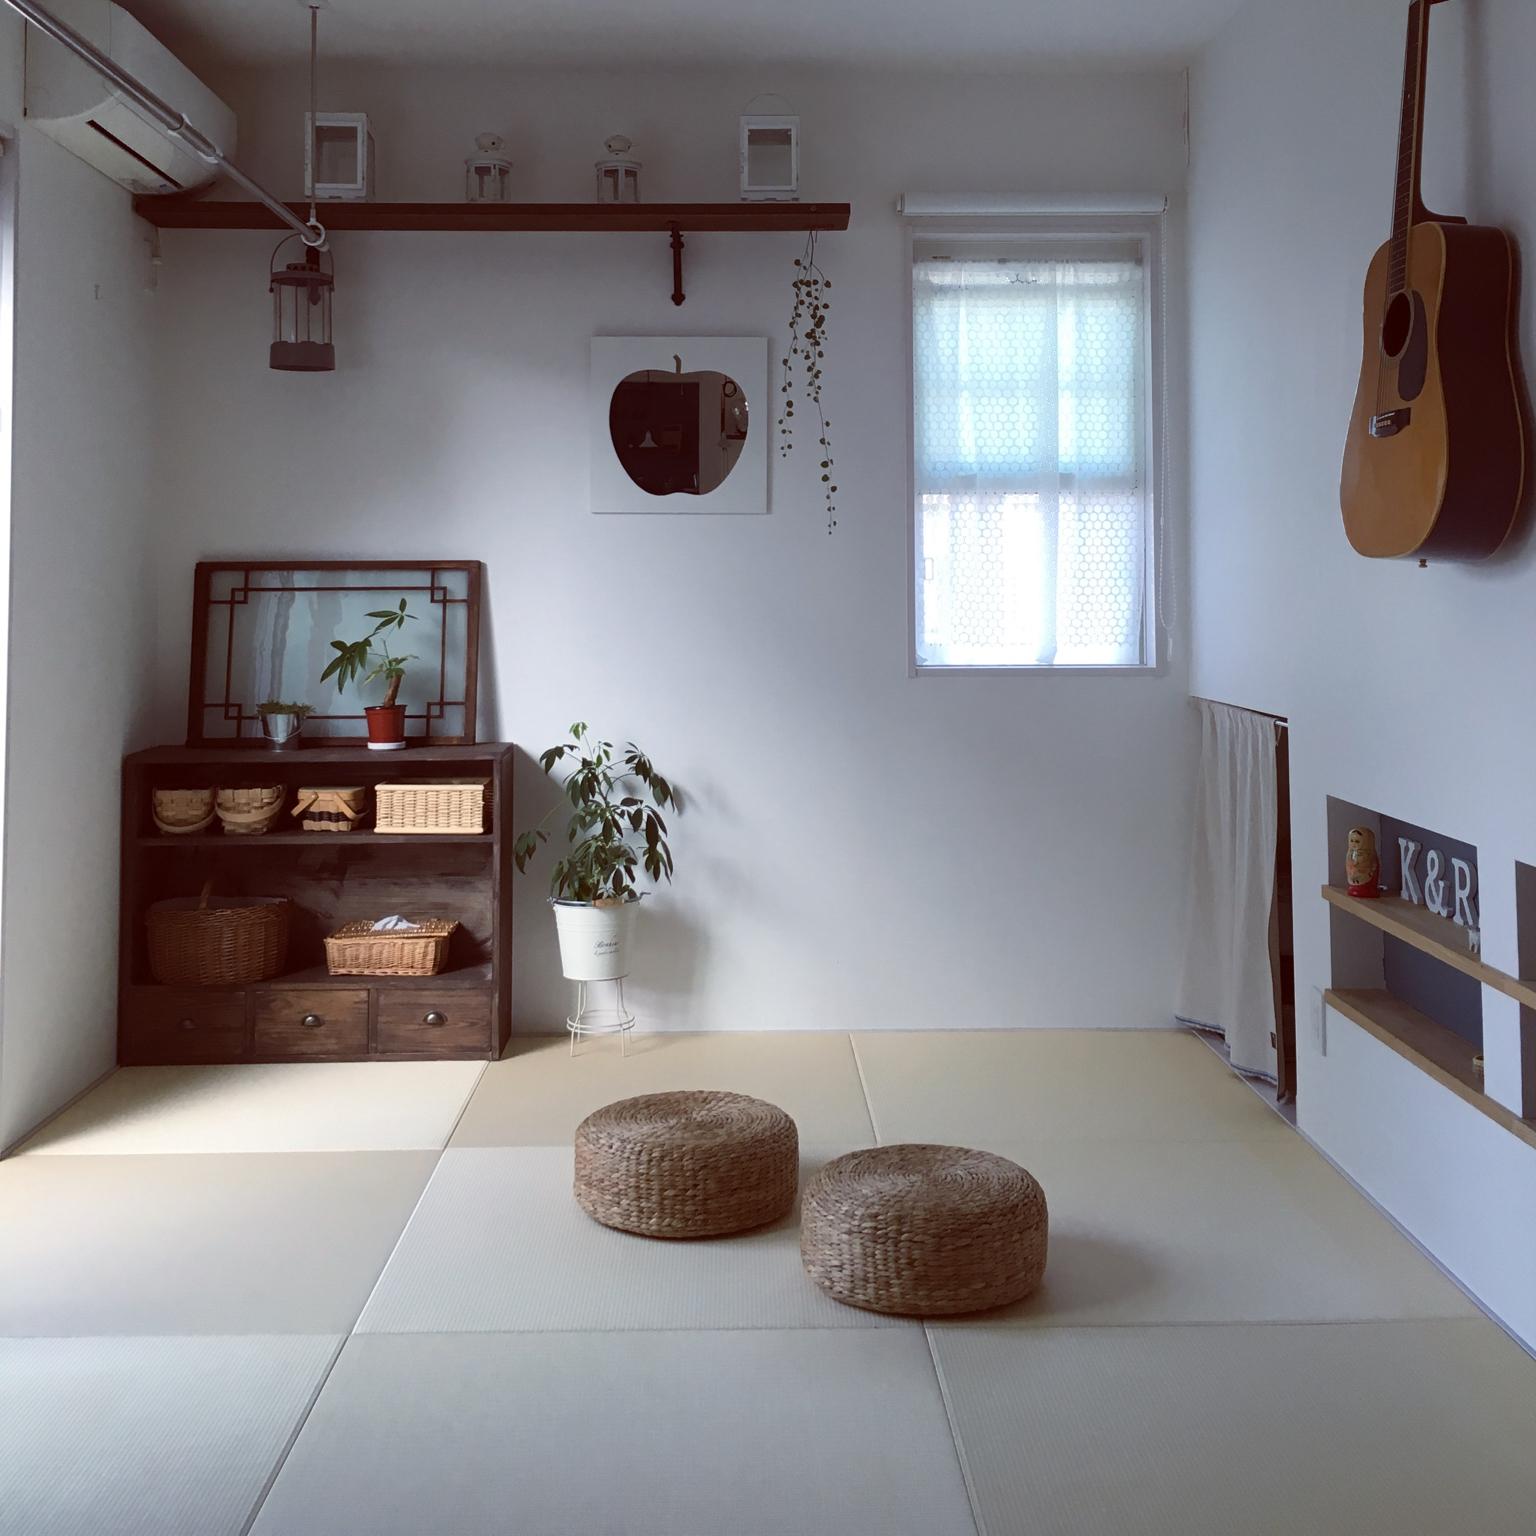 女性で、Other、家族住まいのいいね&フォローありがとうございます♡/琉球畳/みせる収納/自然塗料/ティッシュカバー…などについてのインテリア実例を紹介。